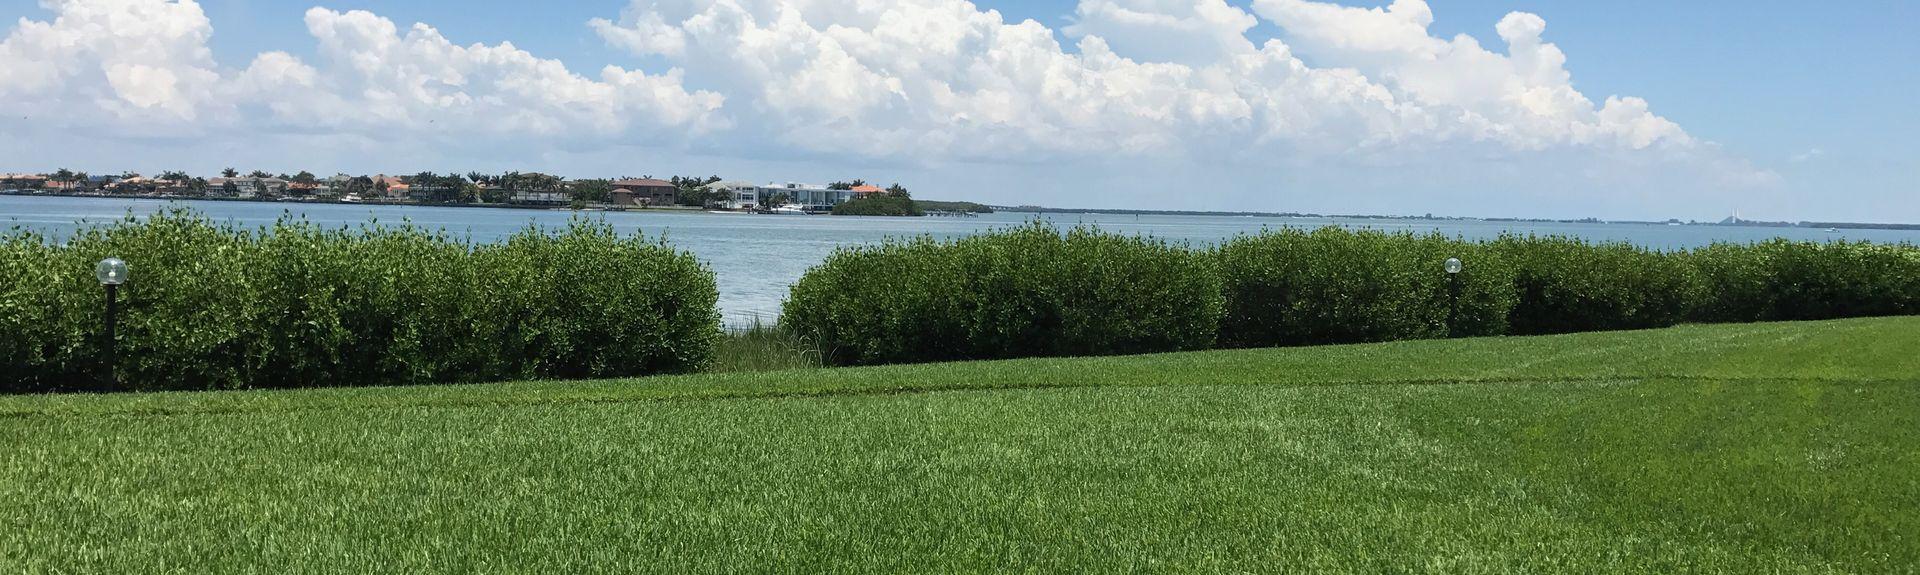 Palma del Mar, Isla del Sol, Saint Petersburg, FL, USA